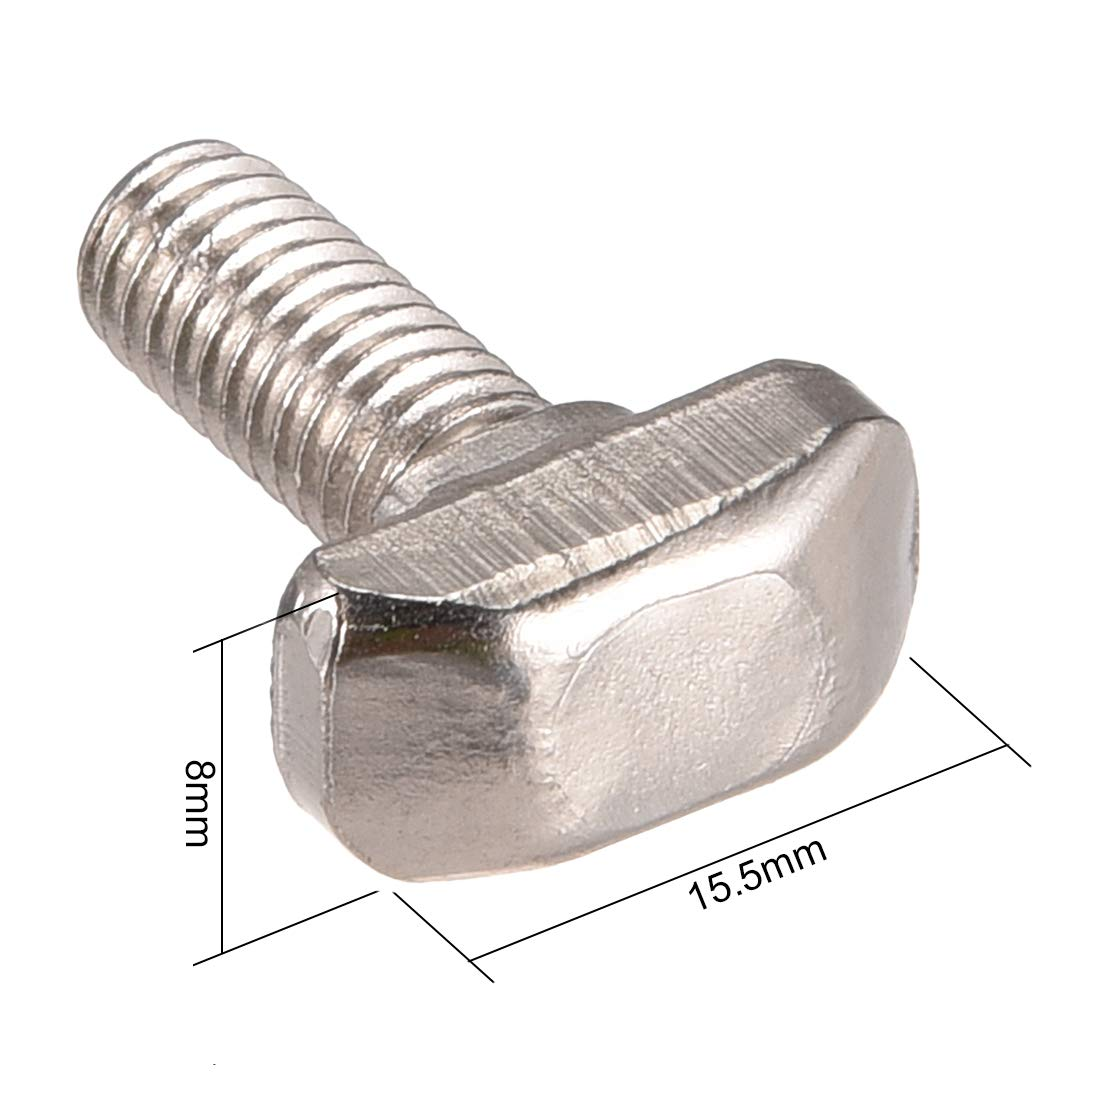 Tornillo de rosca de 20 mm con ranura en T acero al carbono, serie 30 Sourcingmap M6